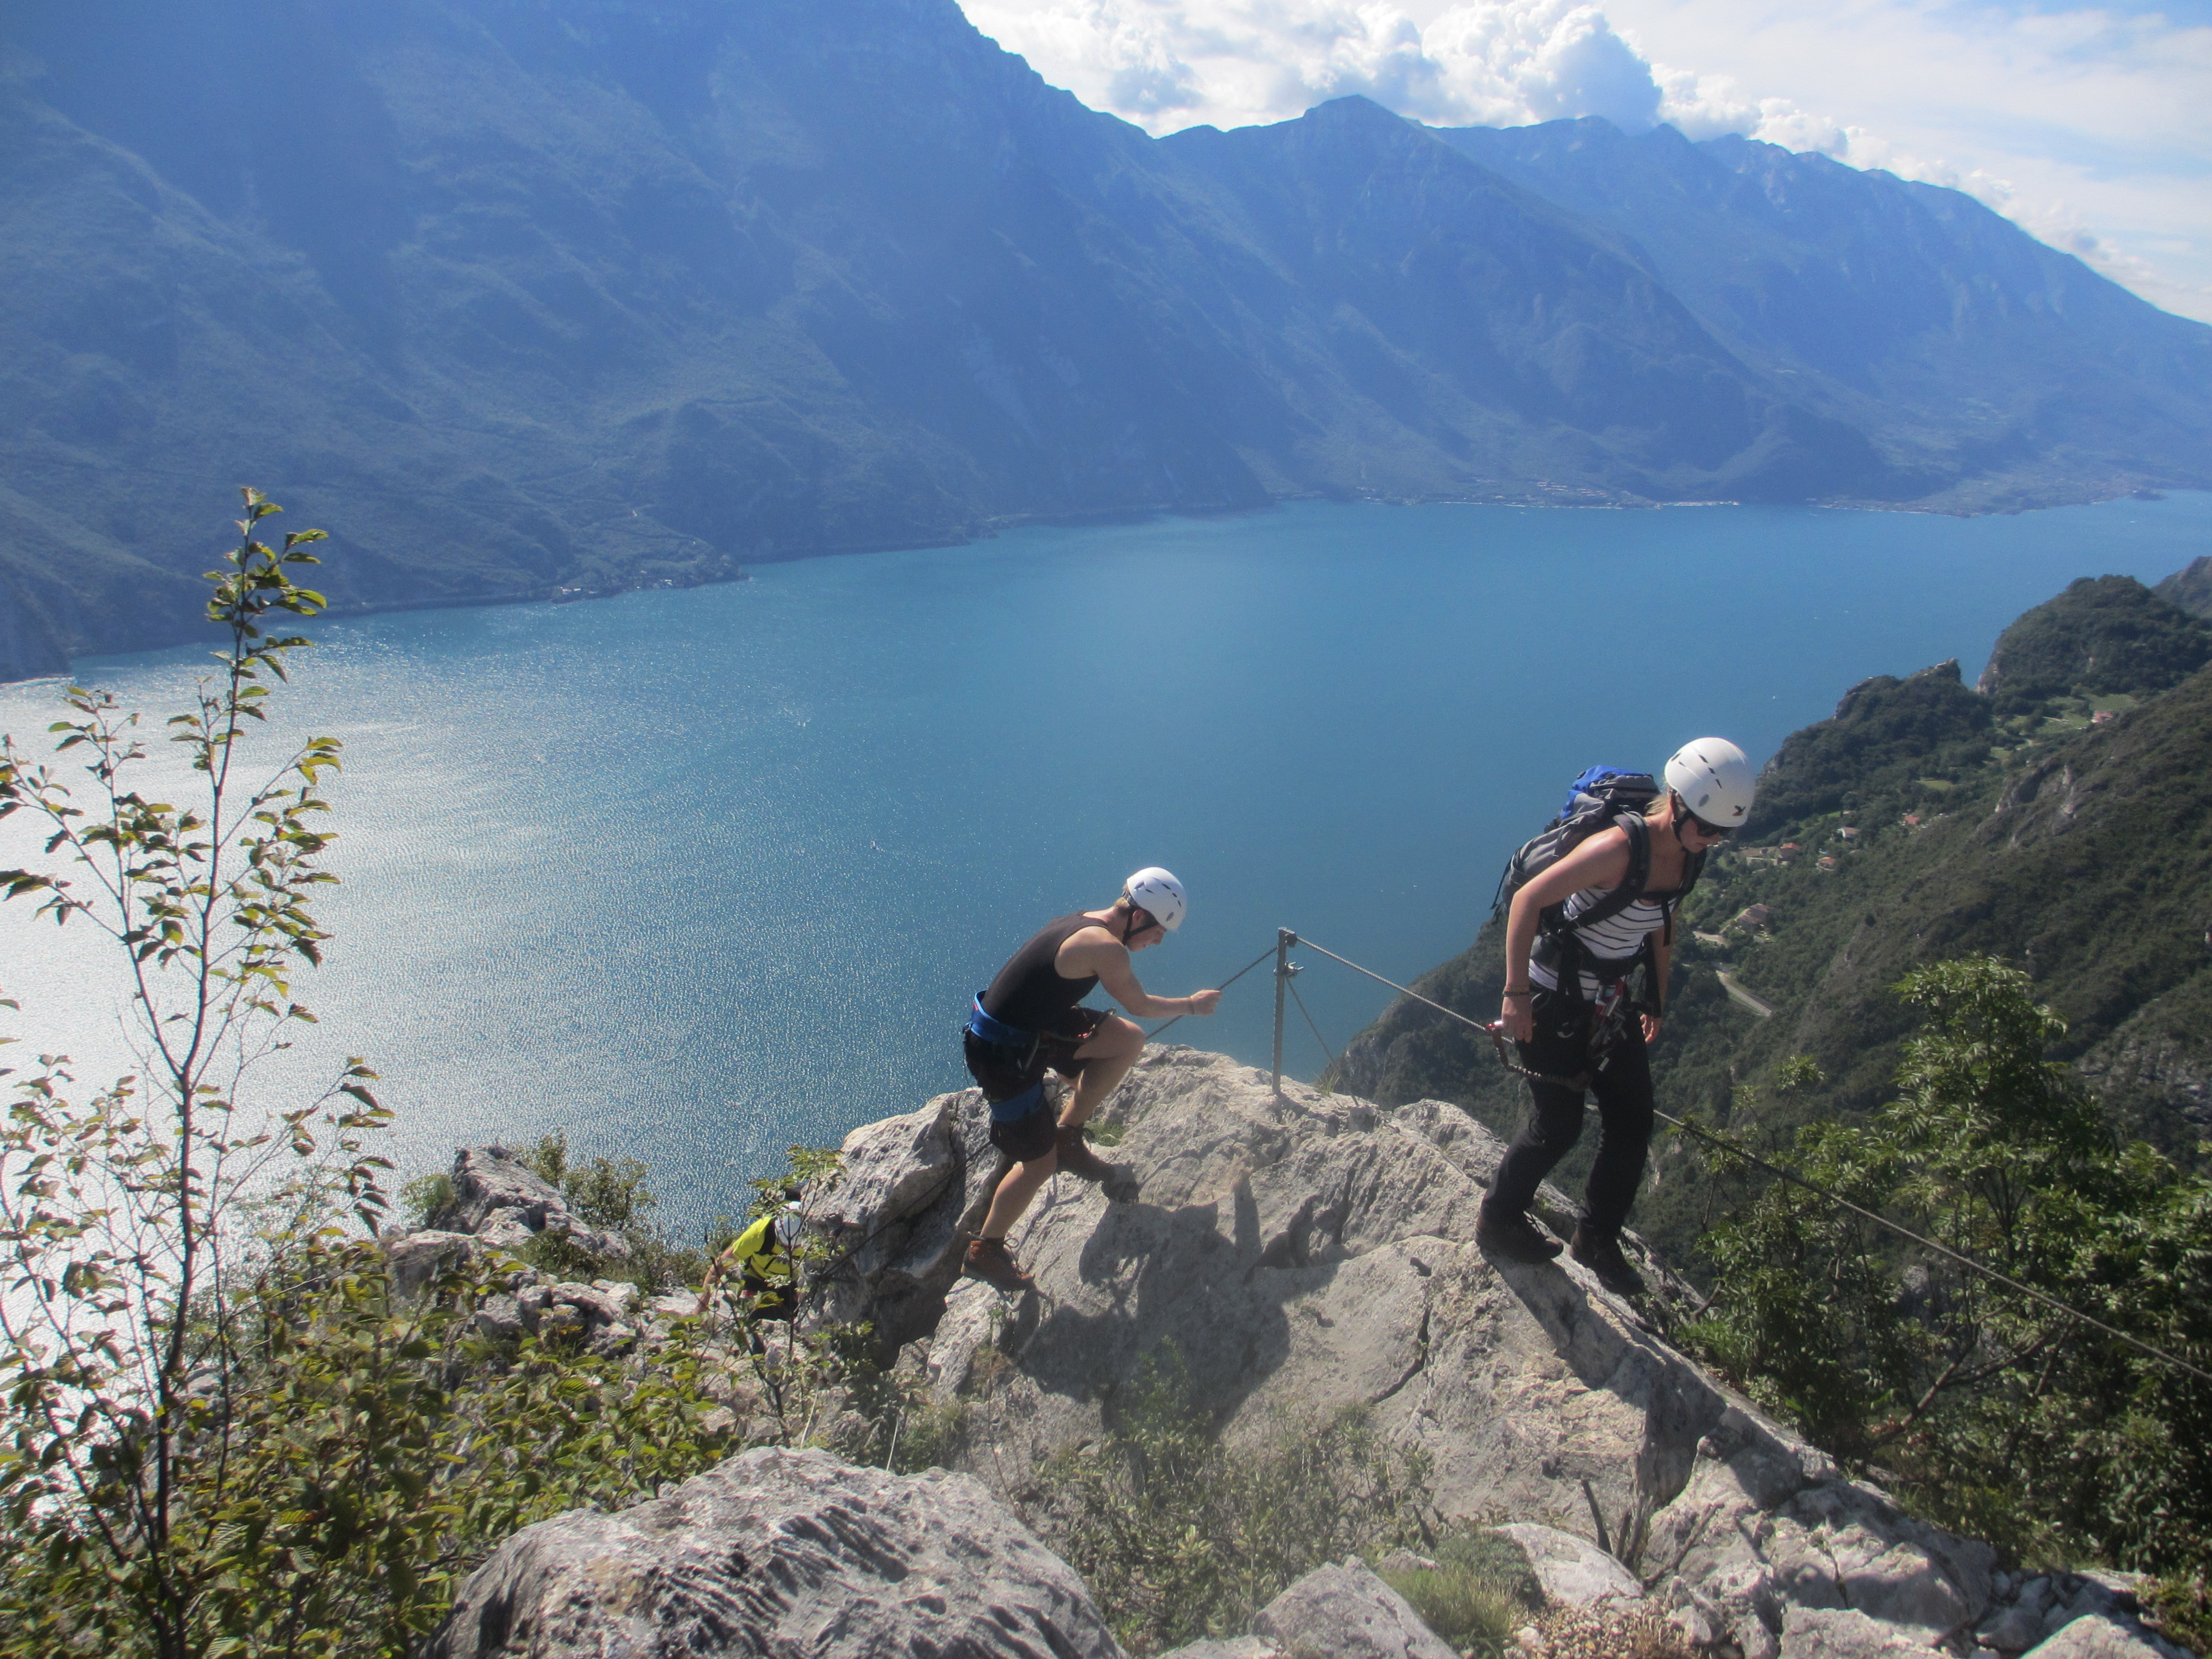 Klettersteig Gardasee : Klettersteig woche in arco am gardasee